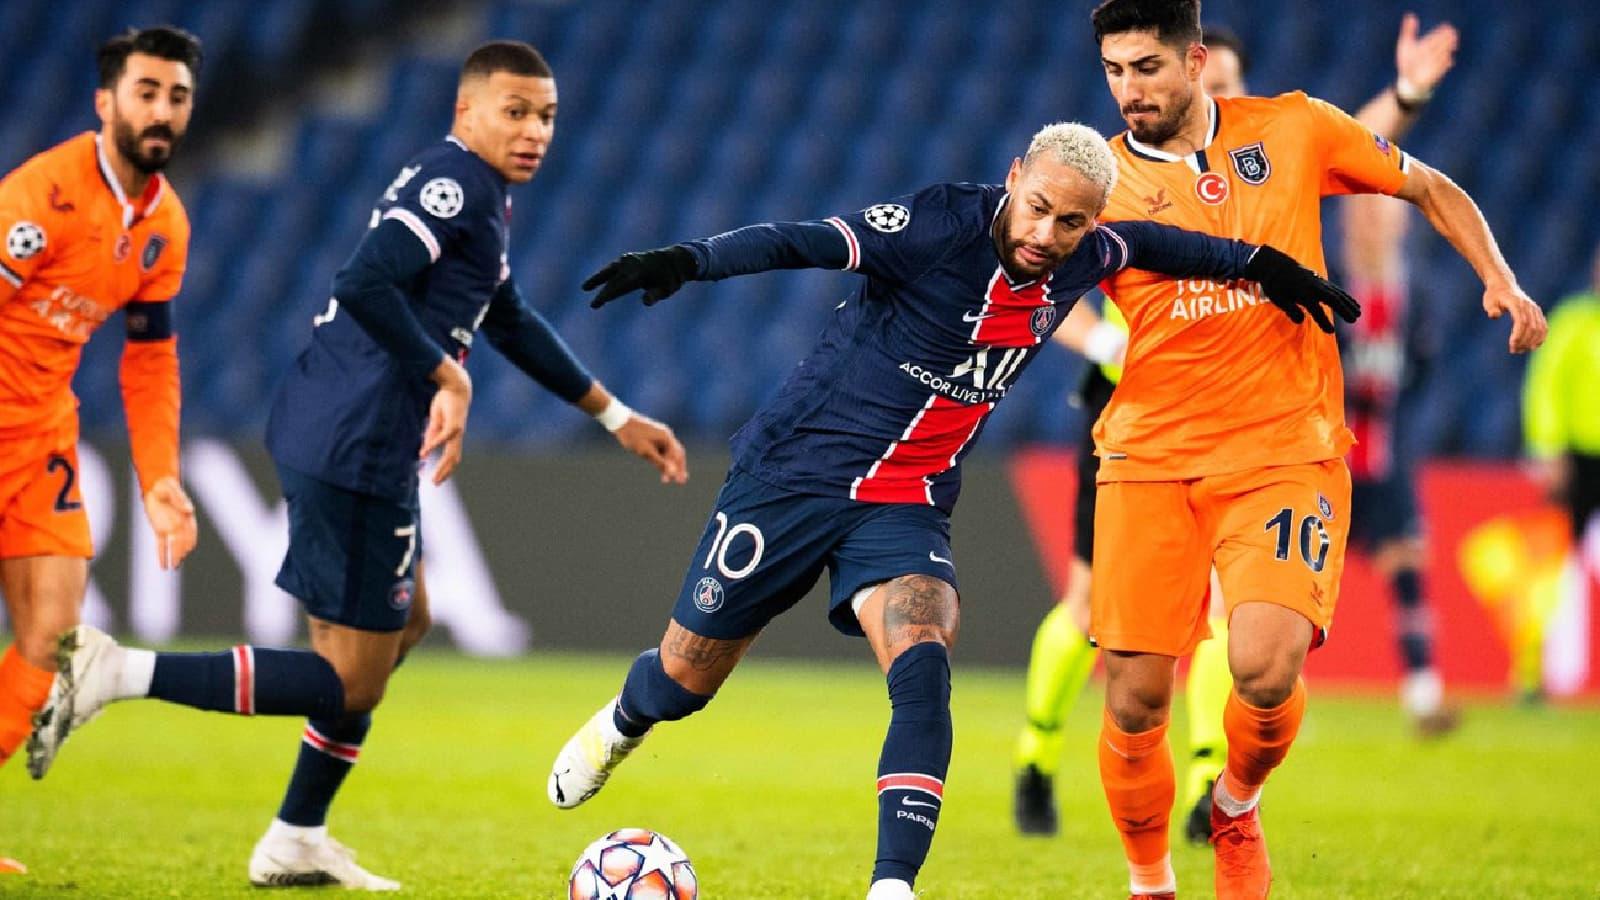 RMC Sport : Ligue des Champions, Ligue Europa, Premier League, Liga Bwin